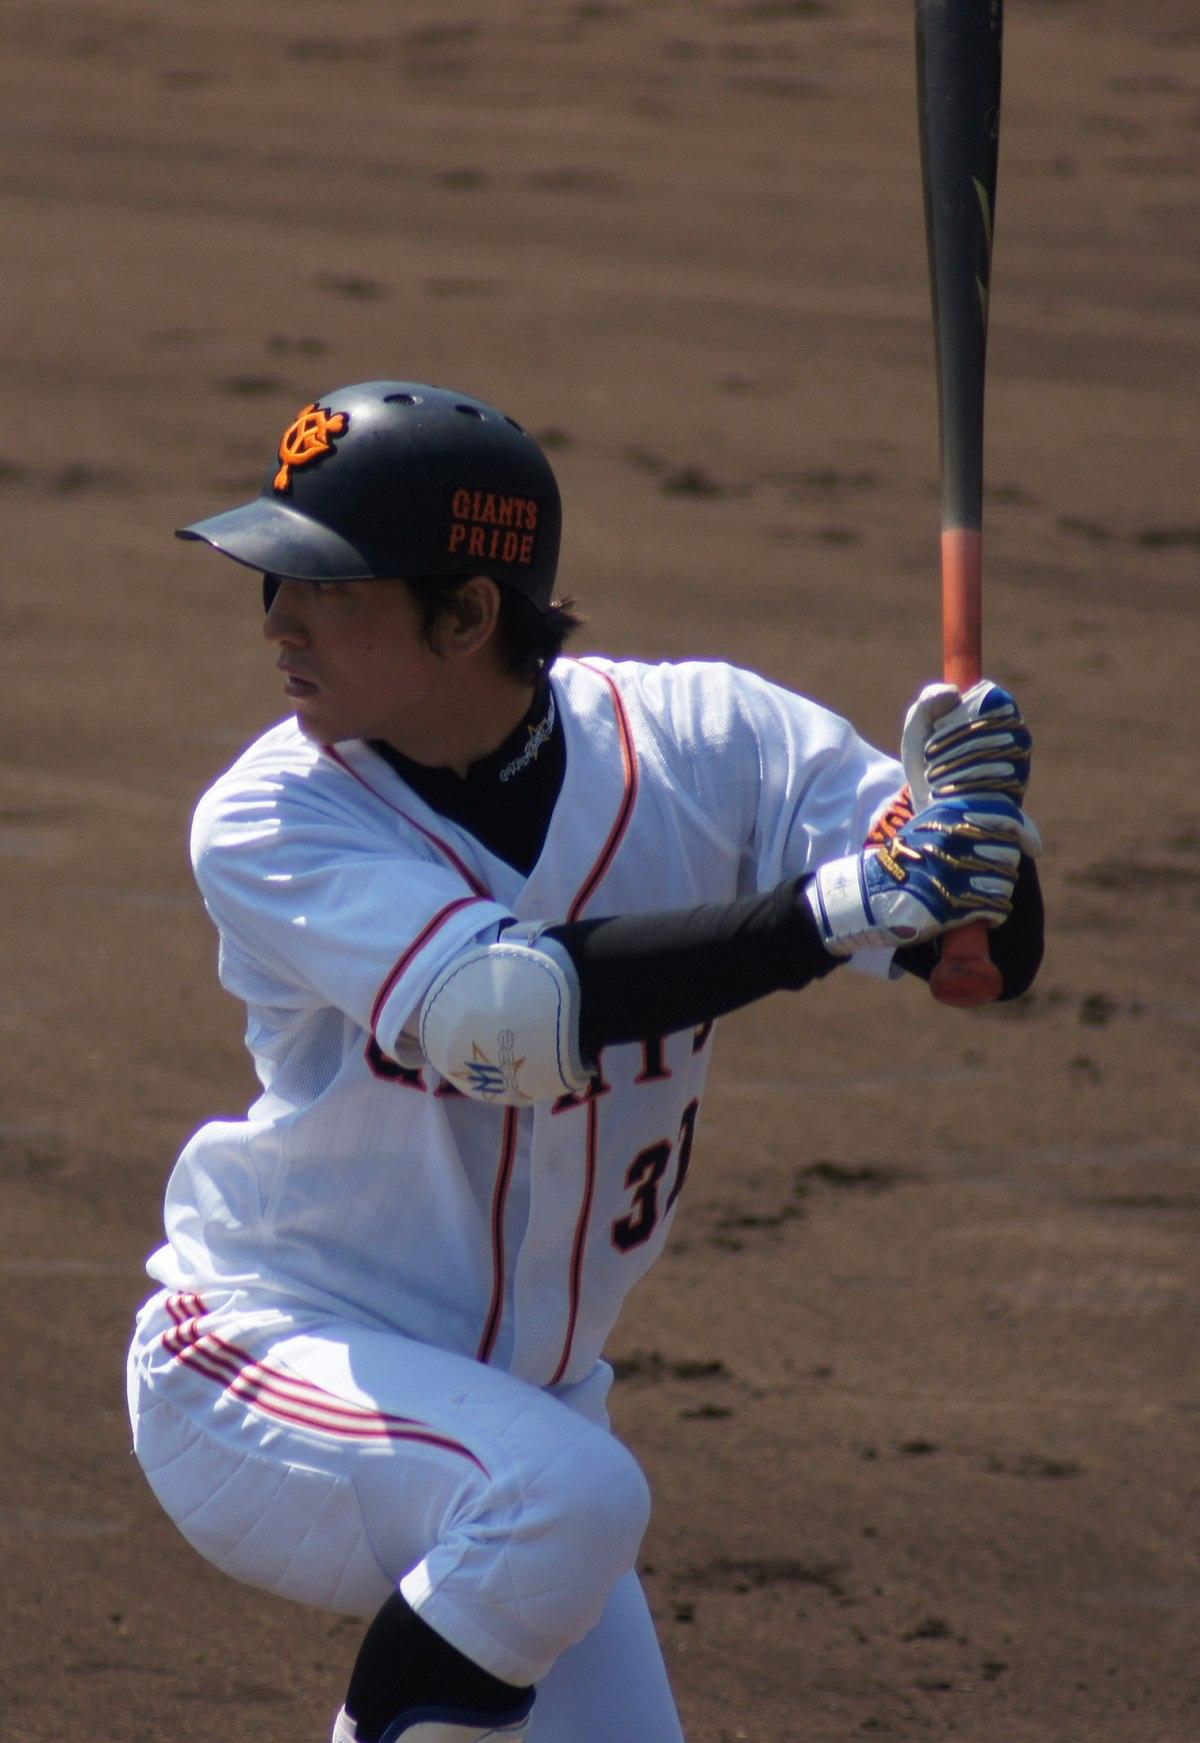 松本哲也 (野球)の画像 p1_38